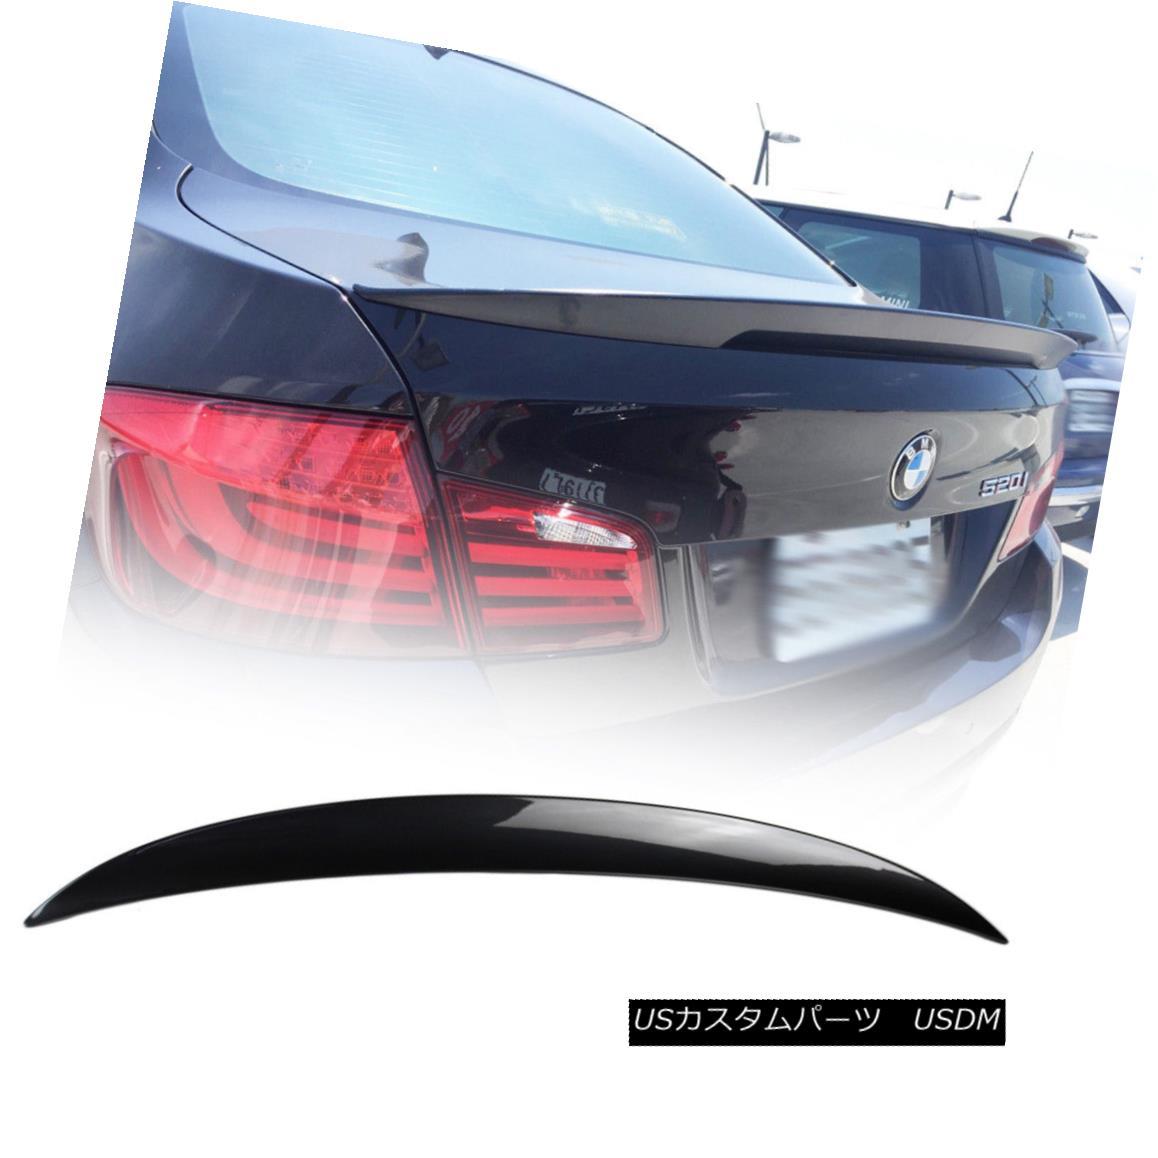 エアロパーツ BMW 5-Series F10 High Kick Performance P Trunk Spoiler 520i 550i Painted #A90 BMW 5シリーズF10ハイキックパフォーマンスPトランク・スポイラー520i 550i塗装#A90